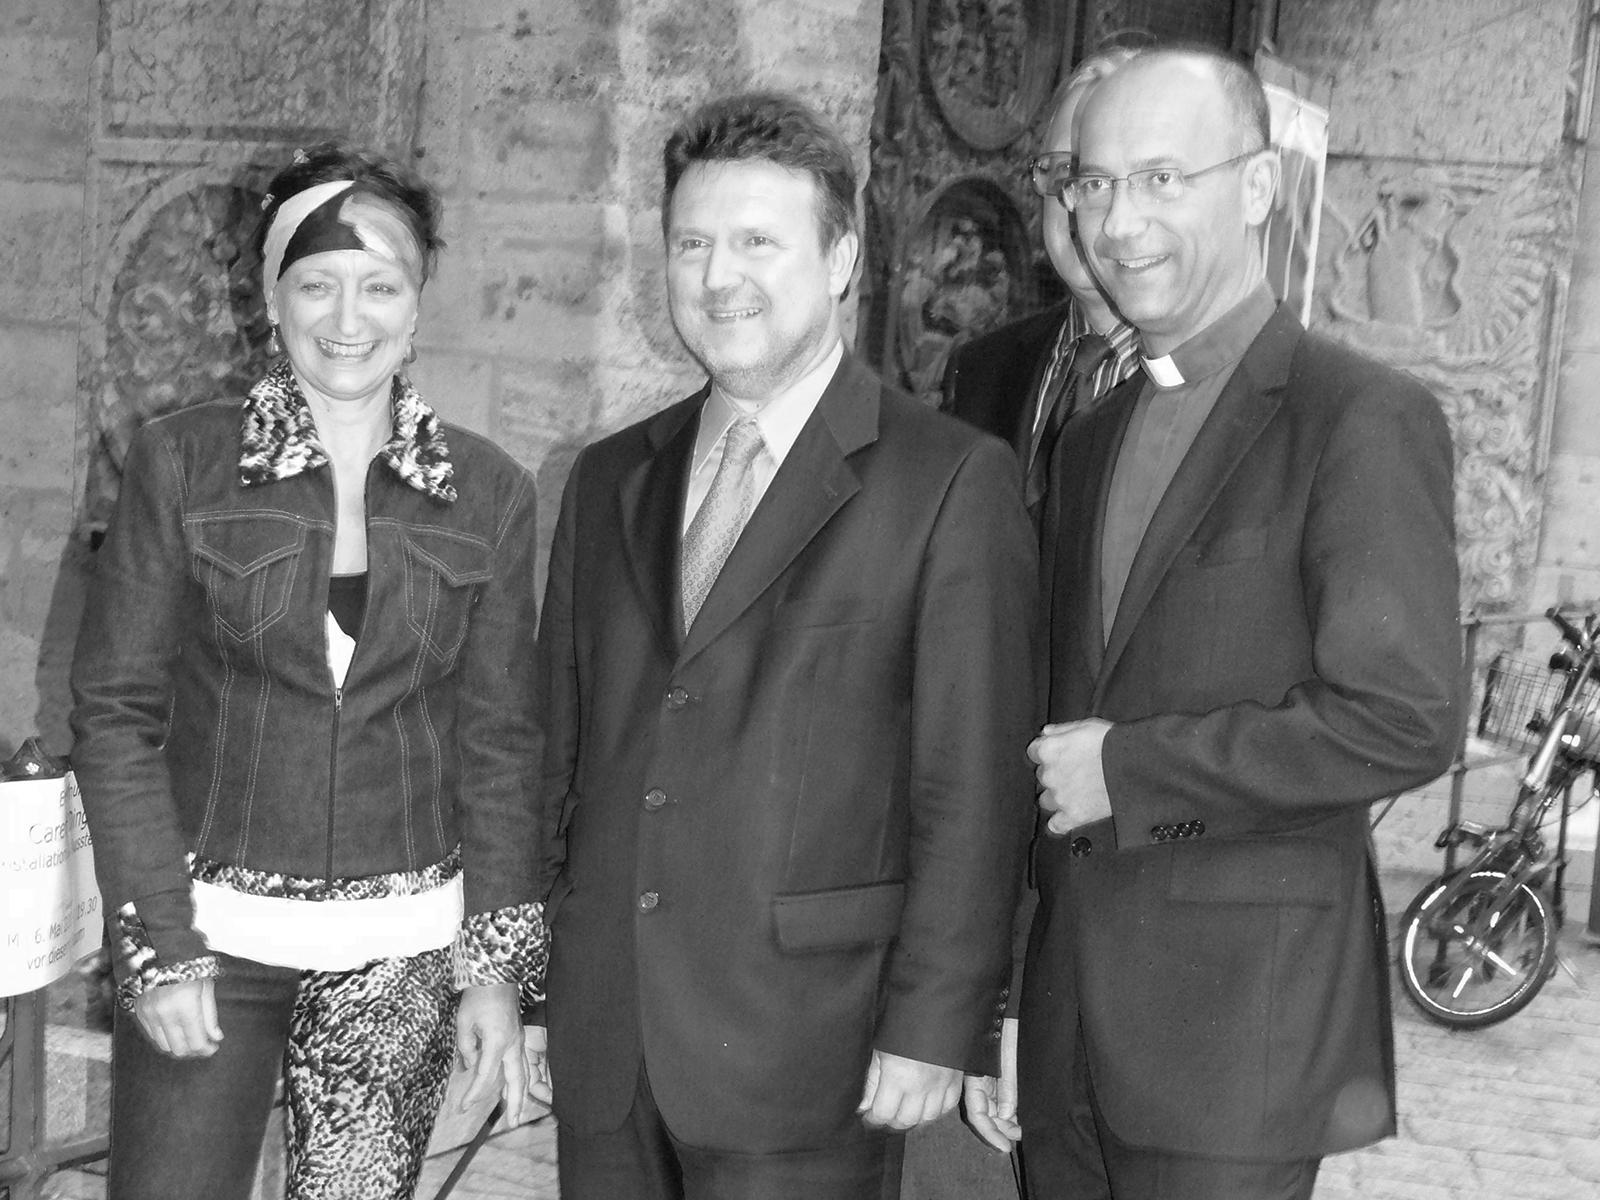 Caren Dinges, Bürgermeister Michael Ludwig und Dompfarrer Toni Faber 2009 in der Ausstellung von C.D.